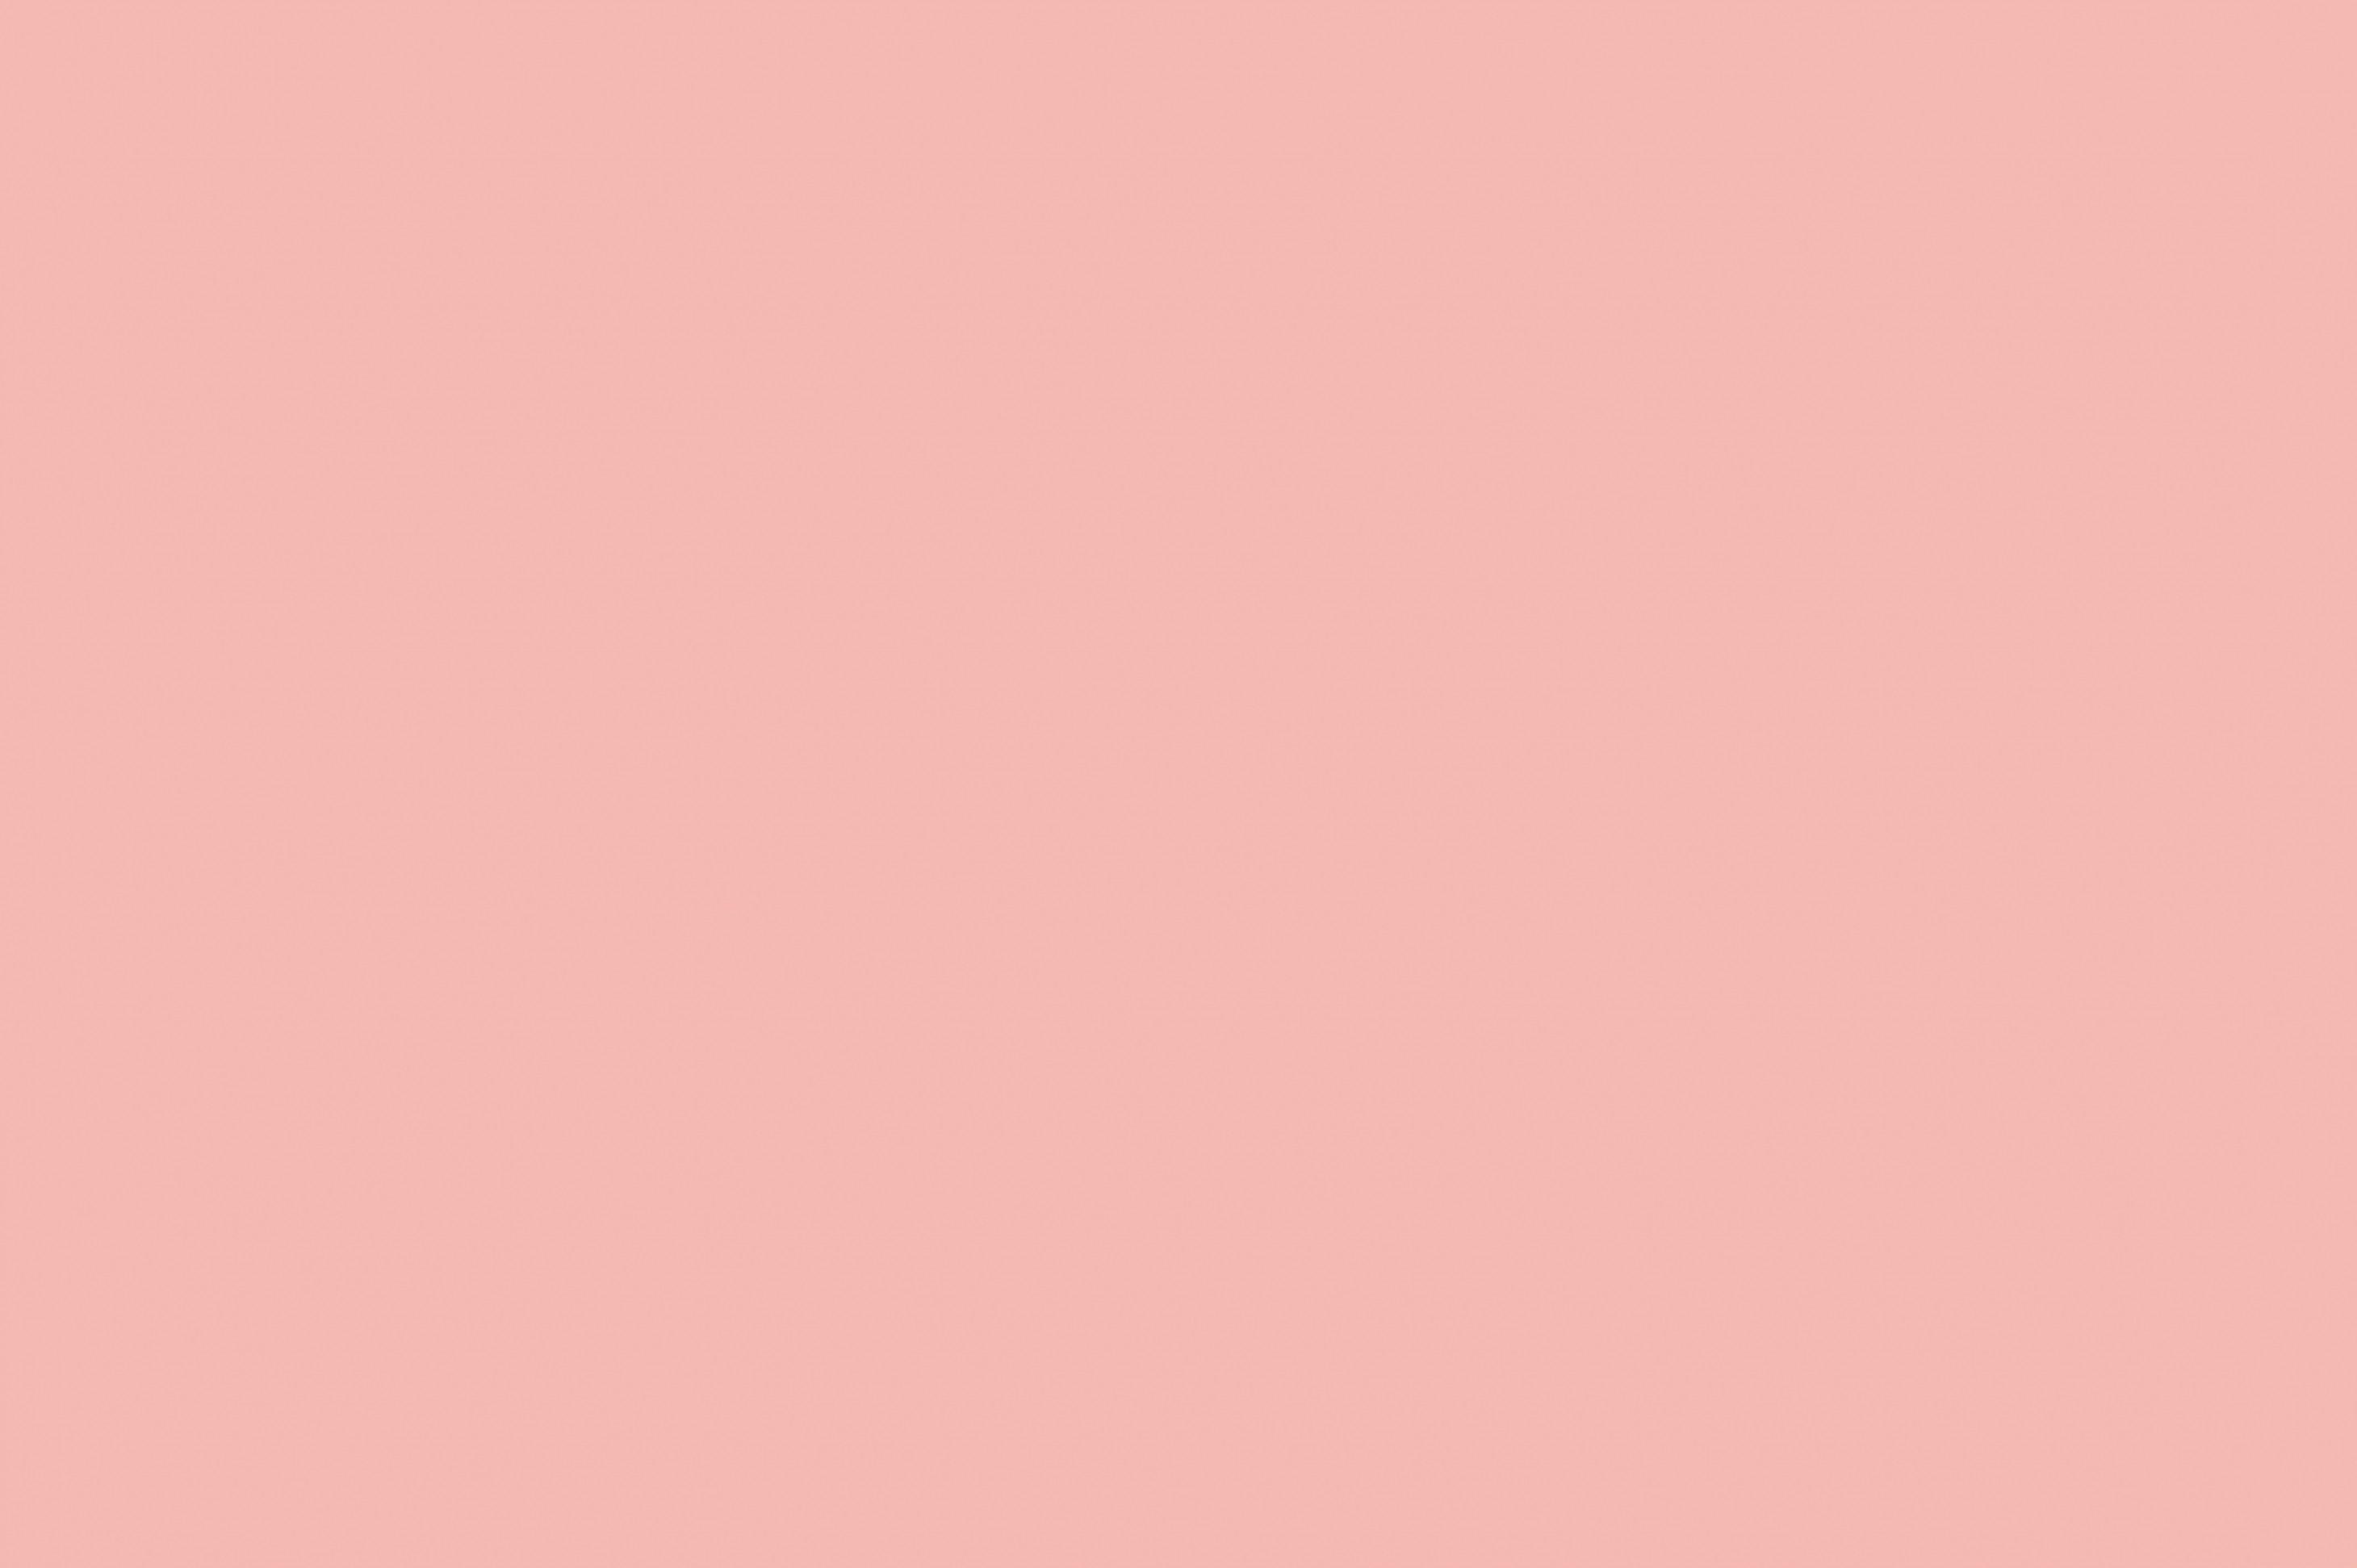 Plain pink wallpaper wallpapersafari for Plain wallpaper